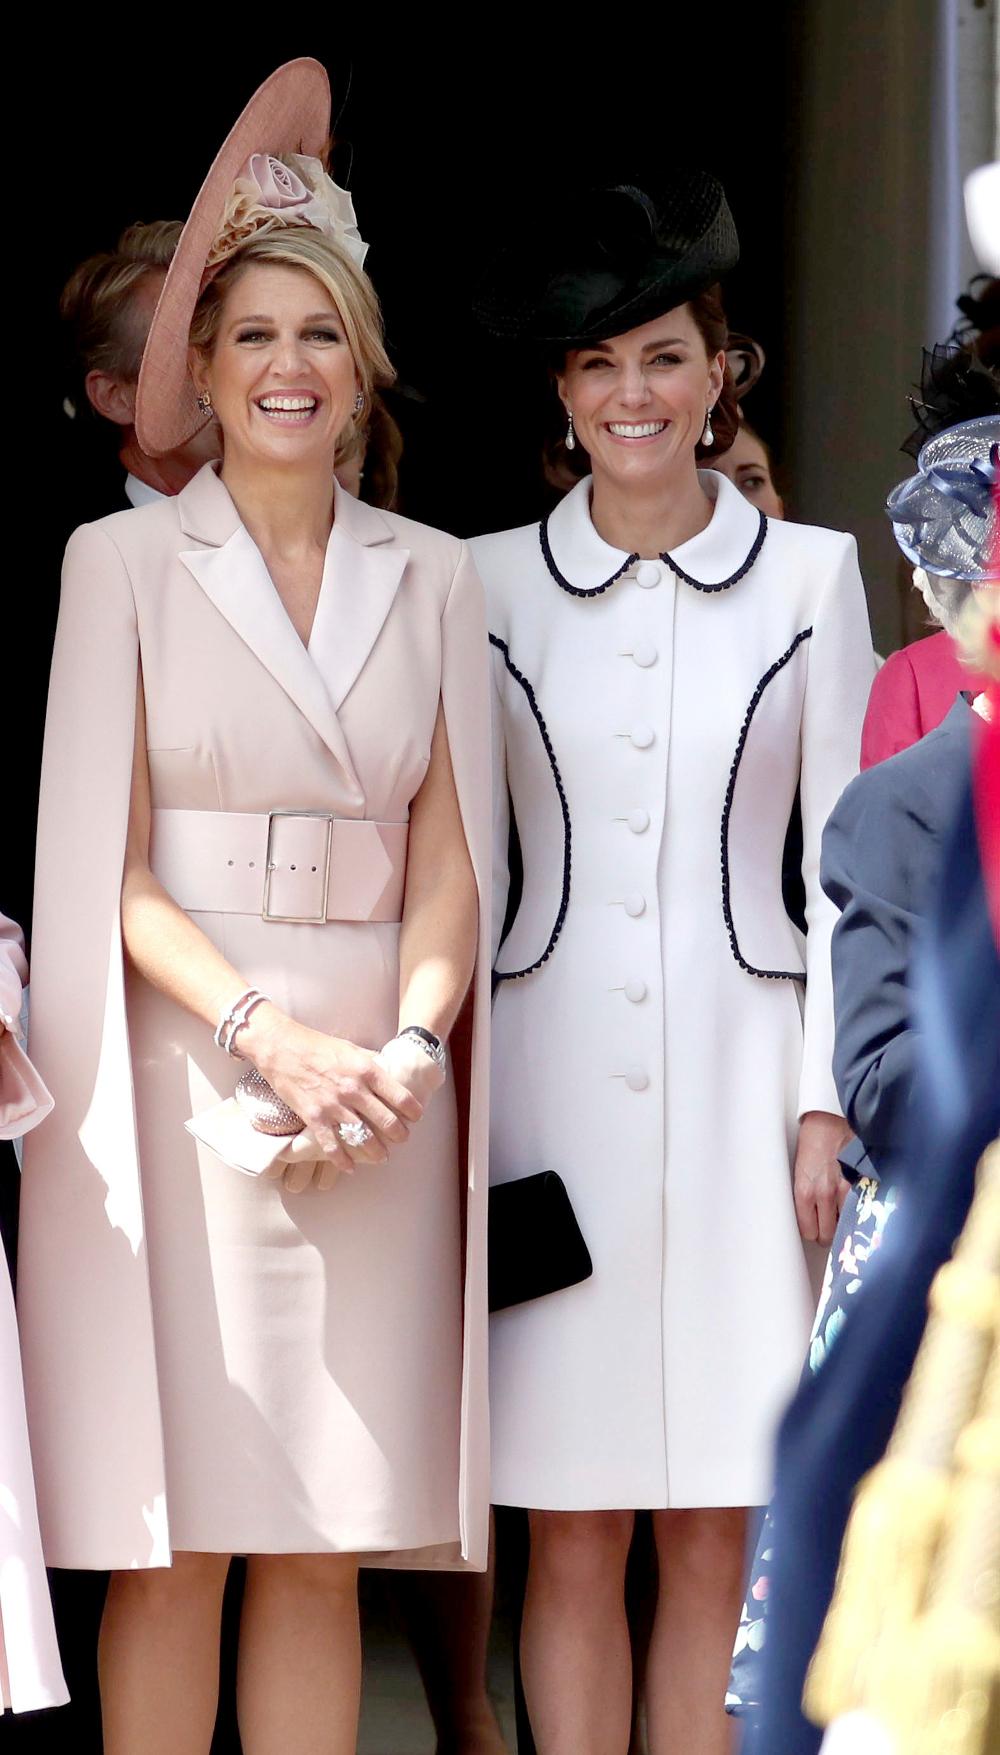 Η βασίλισσα Μαξίμα ήταν σικάτη με το φόρεμα - παλτό με τα ενσωματωμένα μανίκια κάπες